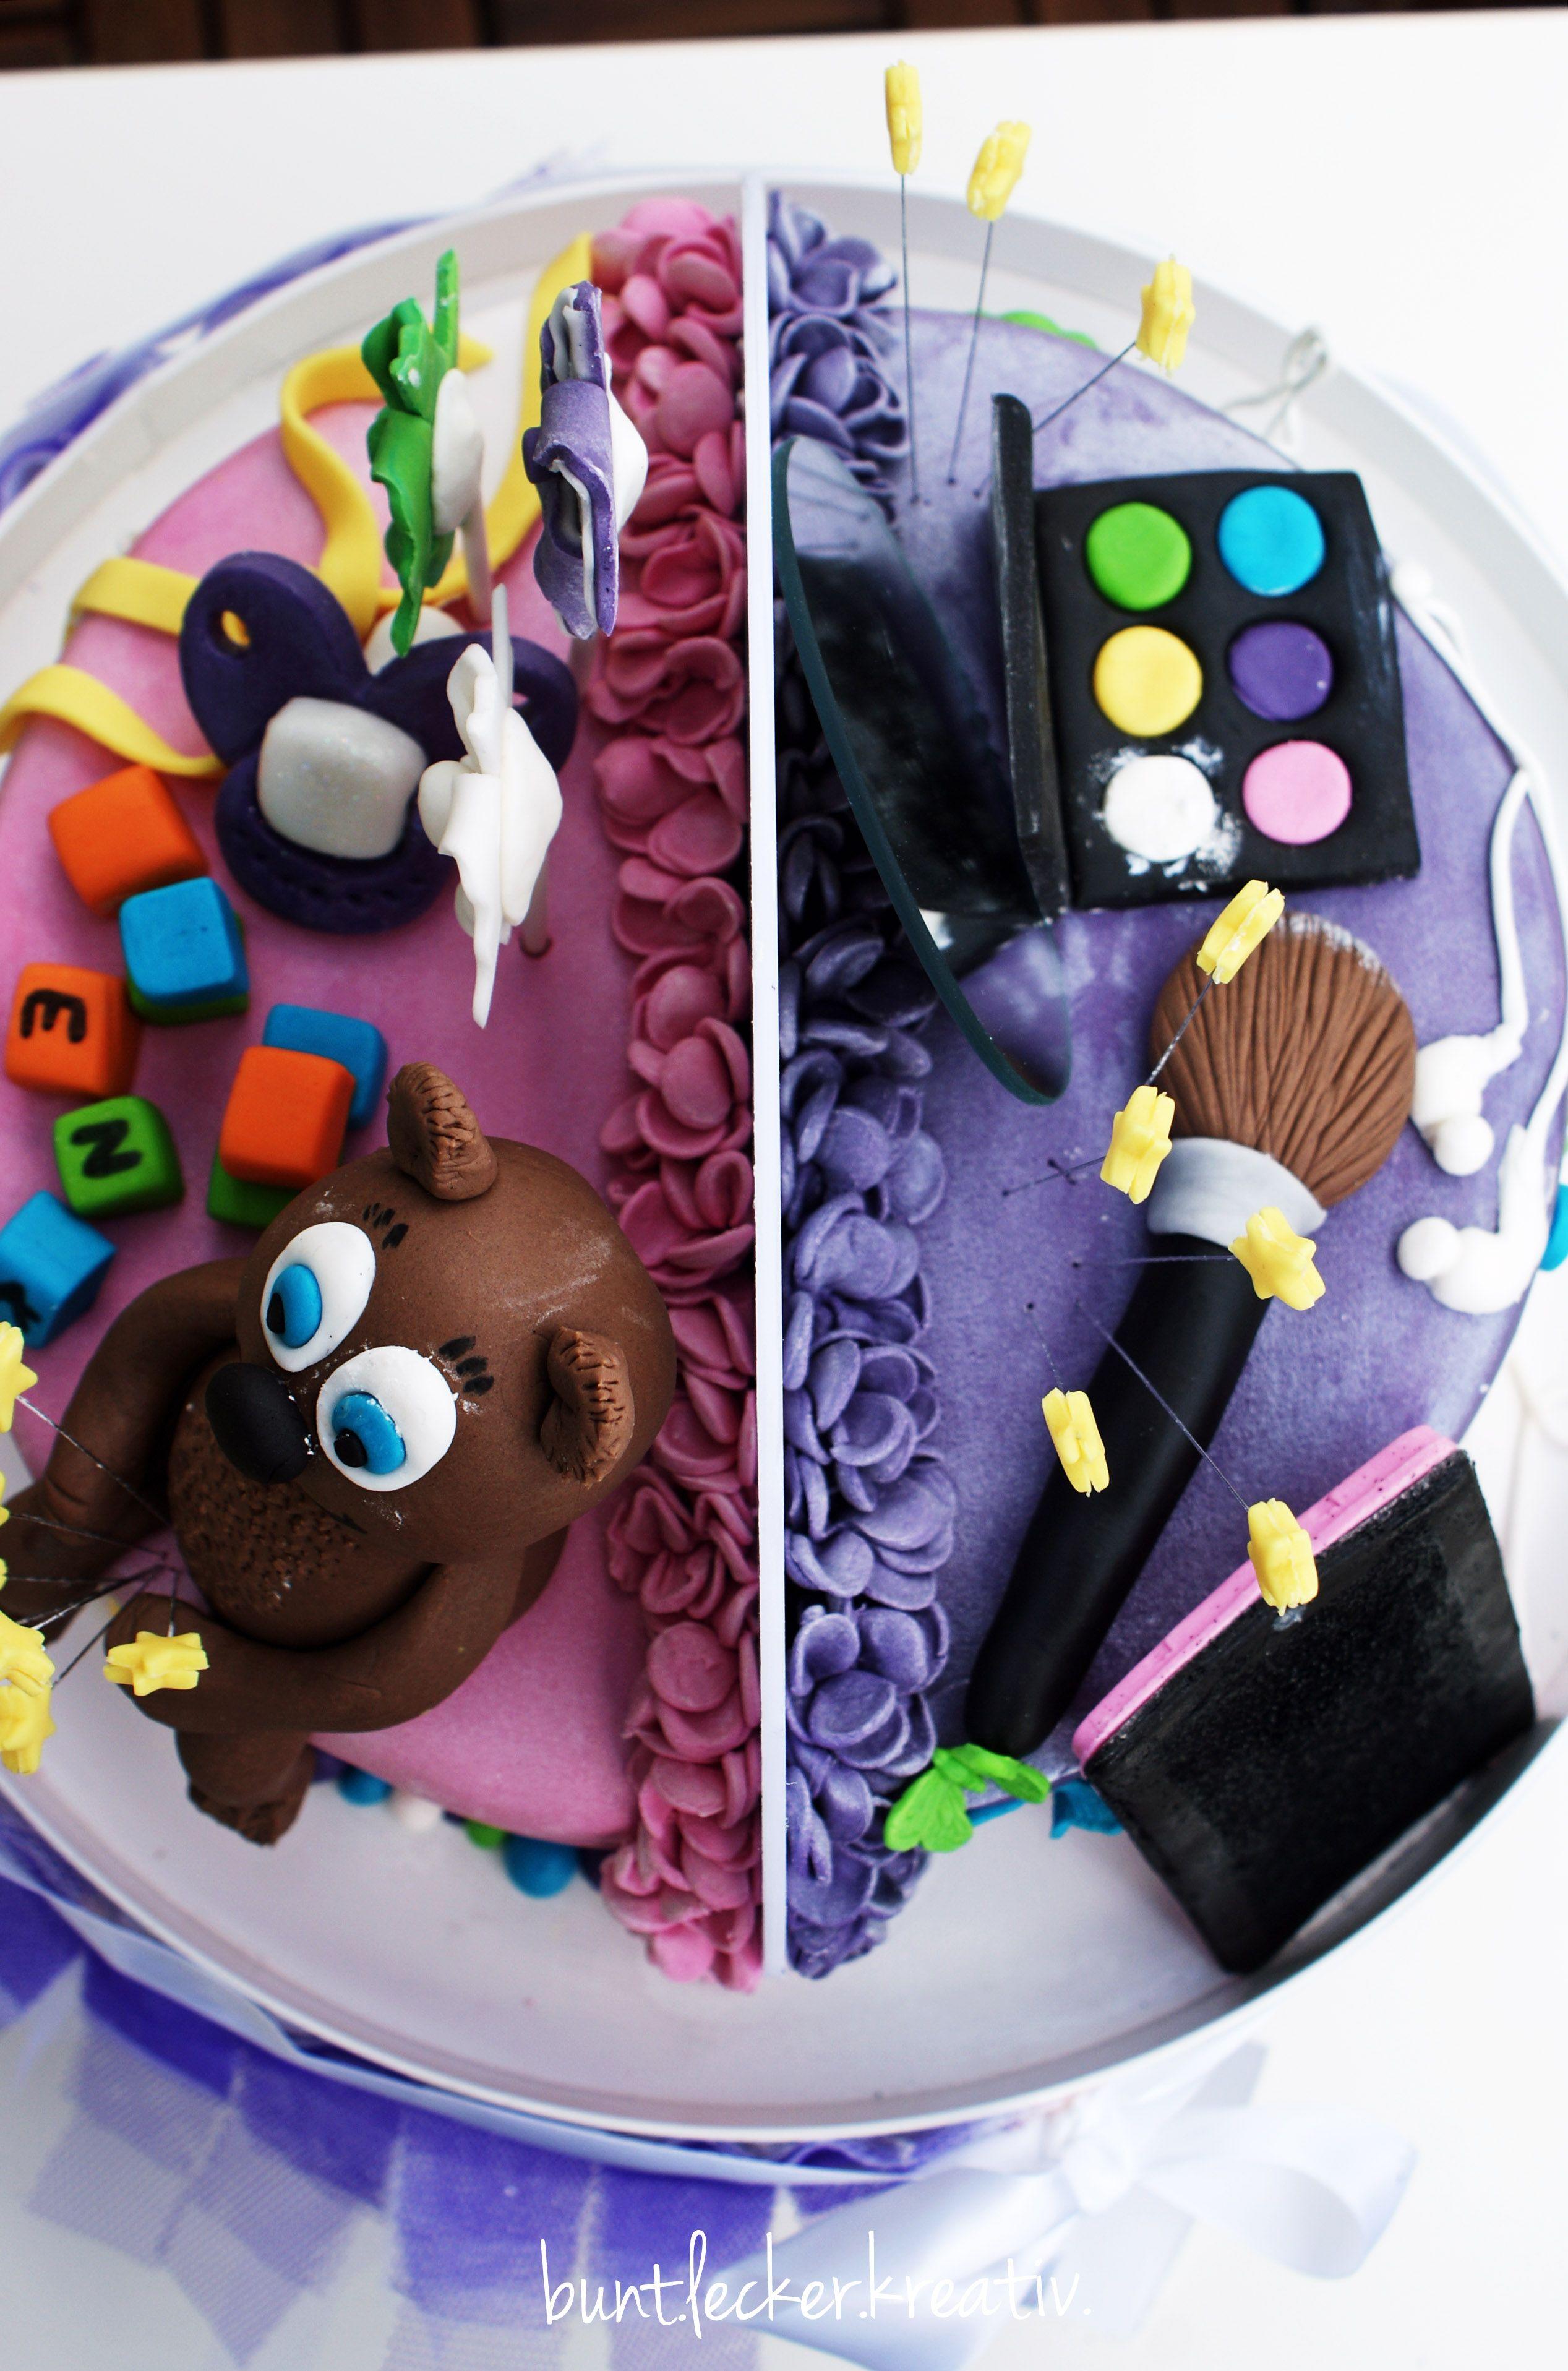 torte zur jugendweihe f r ein m dchen meine torten kekse und anderen leckereien. Black Bedroom Furniture Sets. Home Design Ideas